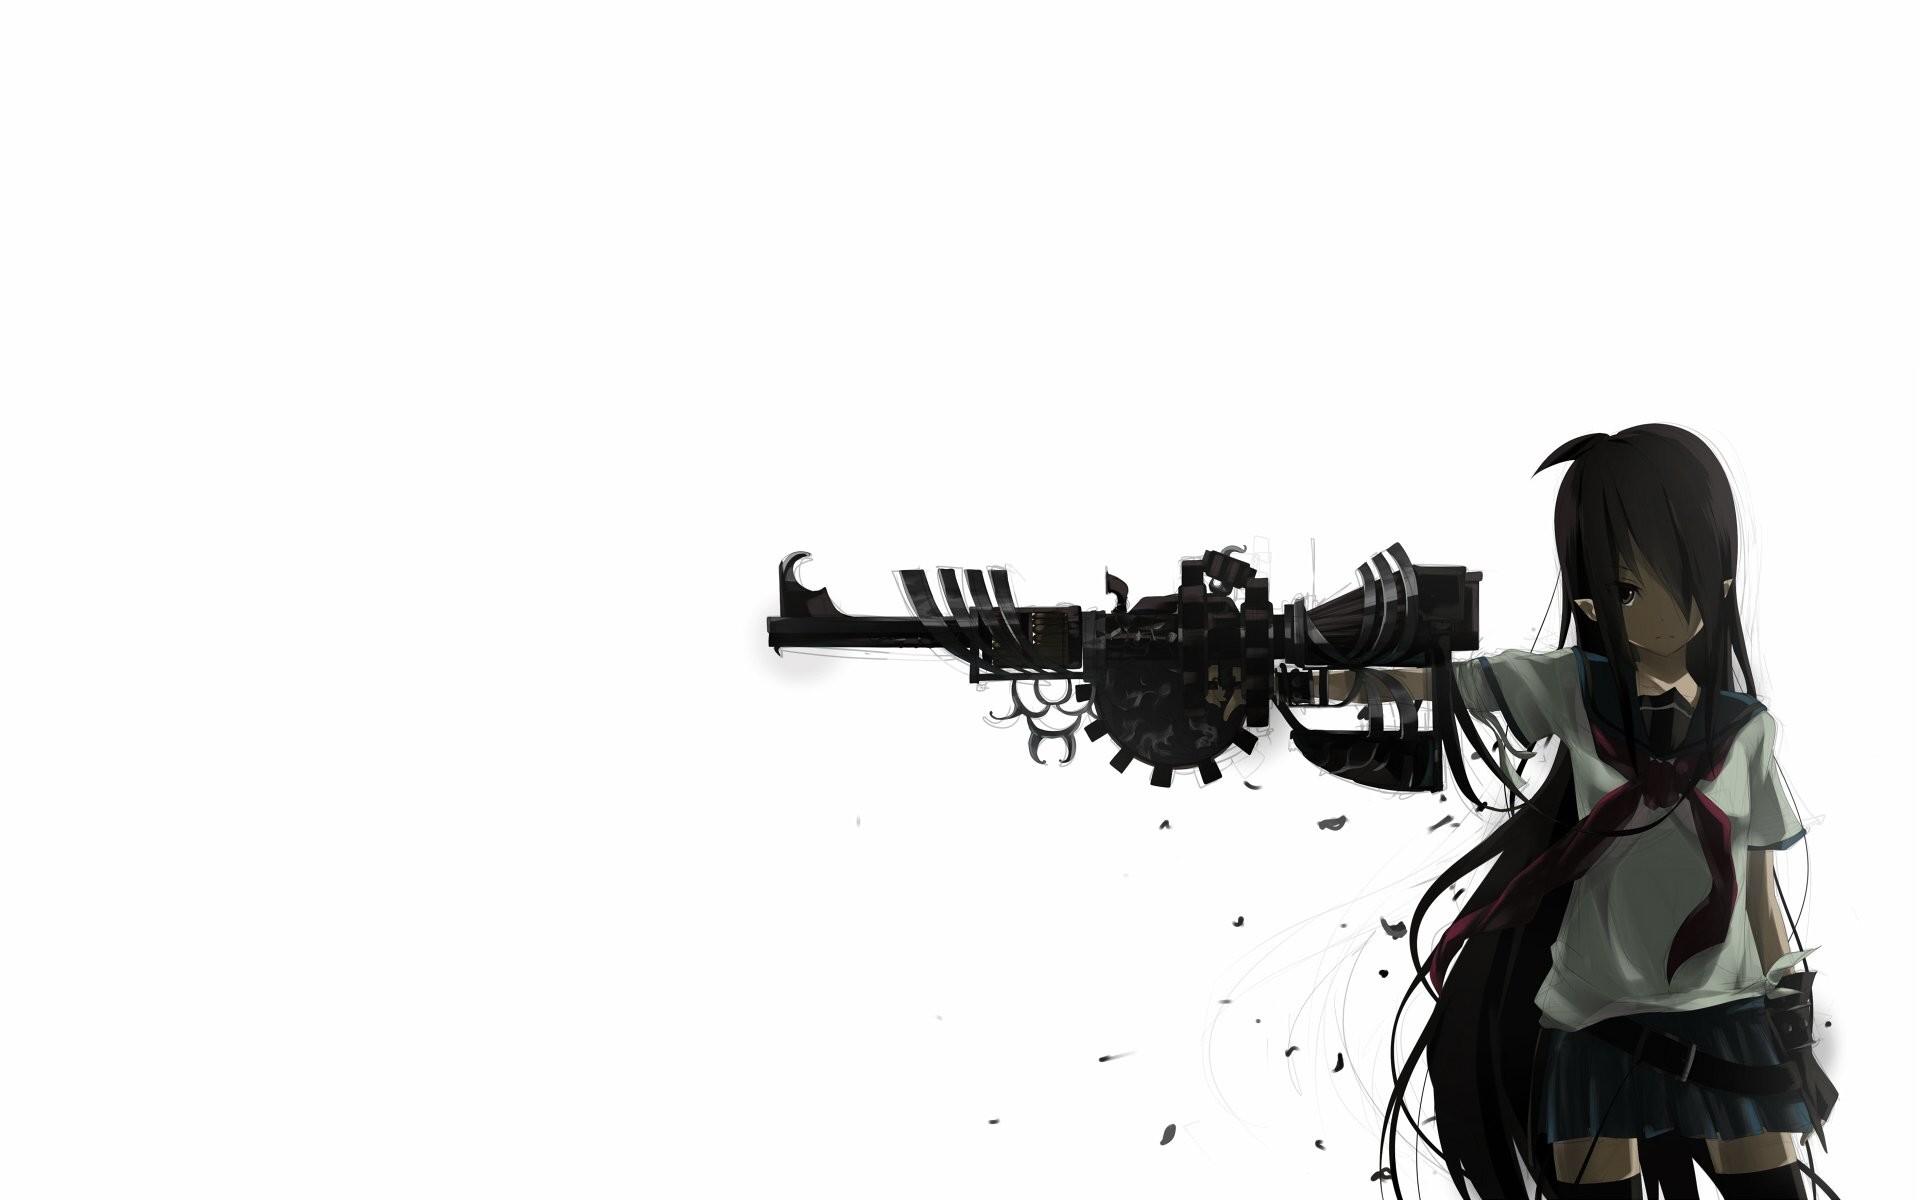 Anime – Girl Wallpaper